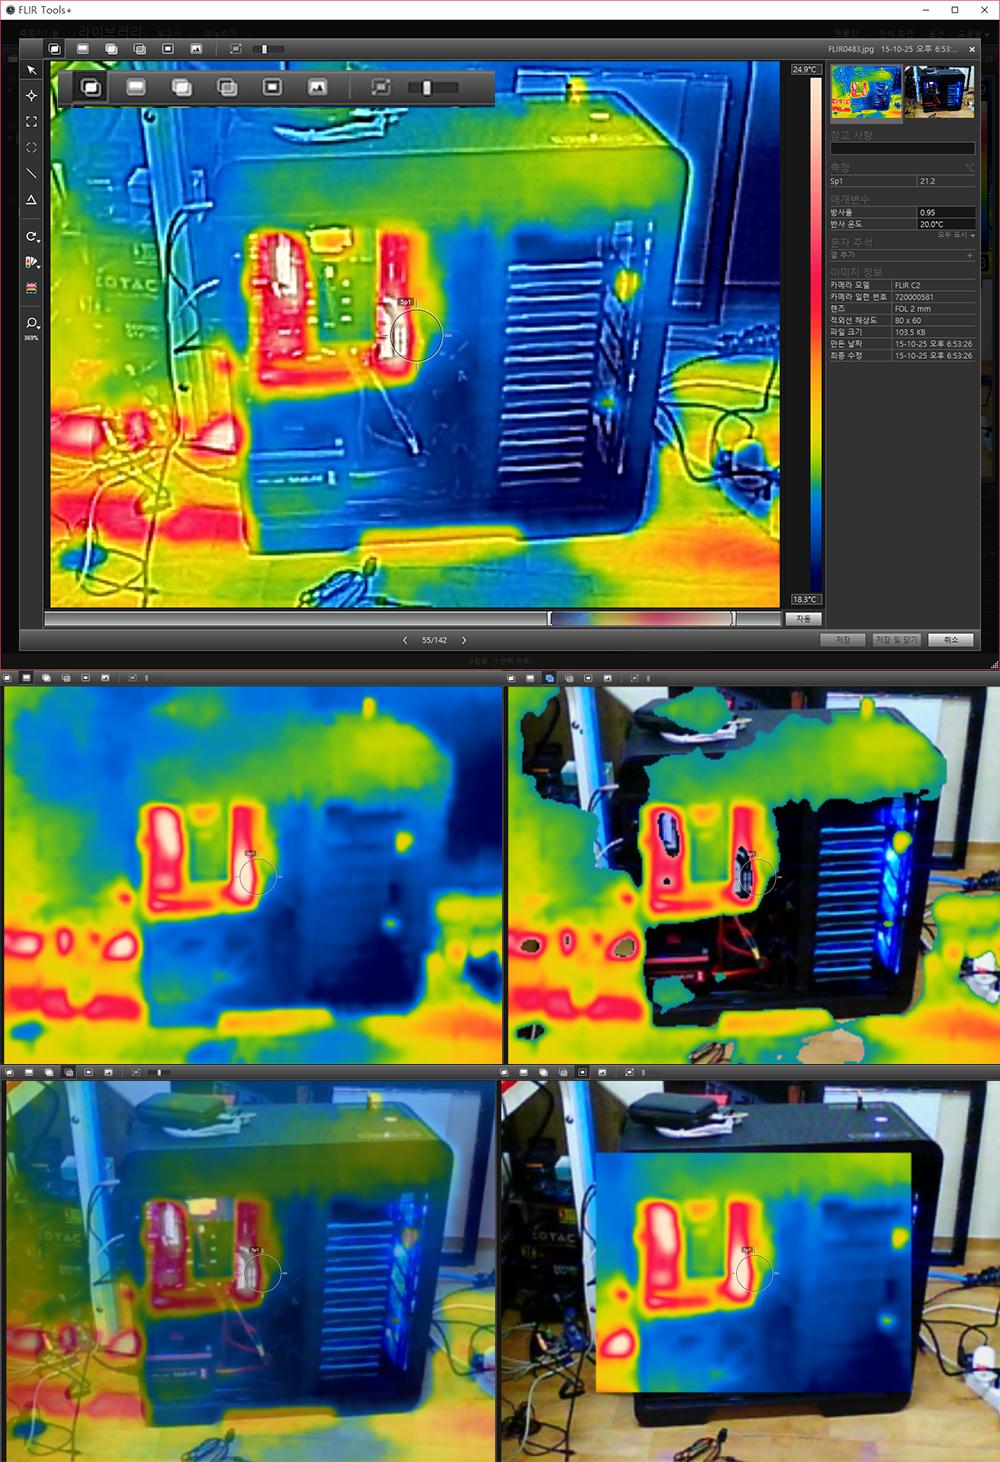 작은 컴팩트휴대용 열화상카메라 누수감지 플리어 FLIR C2 사용기 -113.jpg